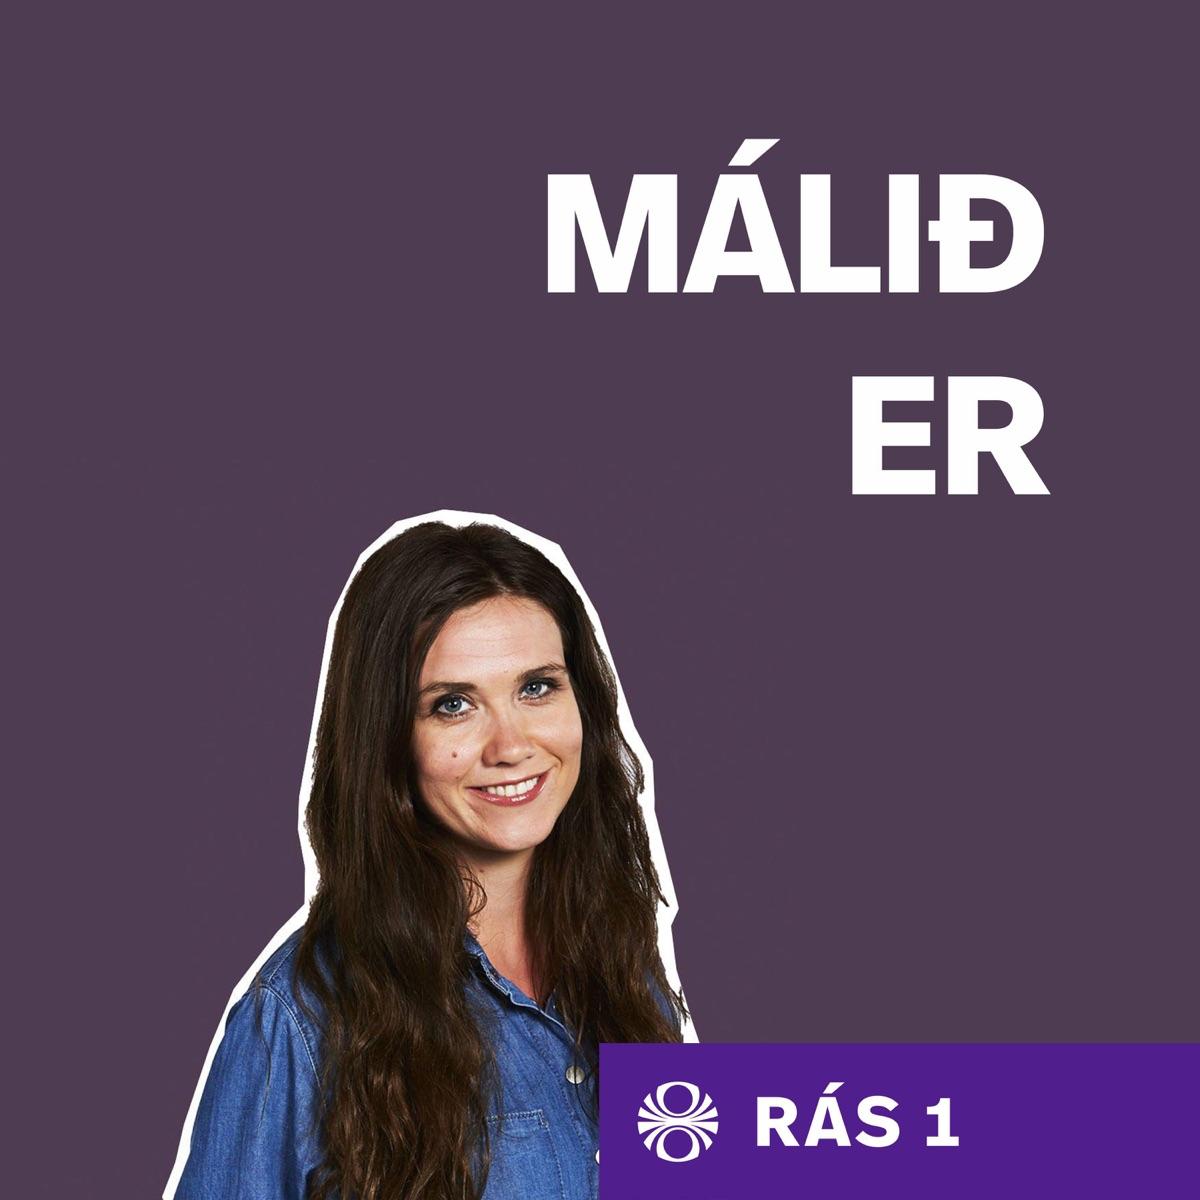 Málið er